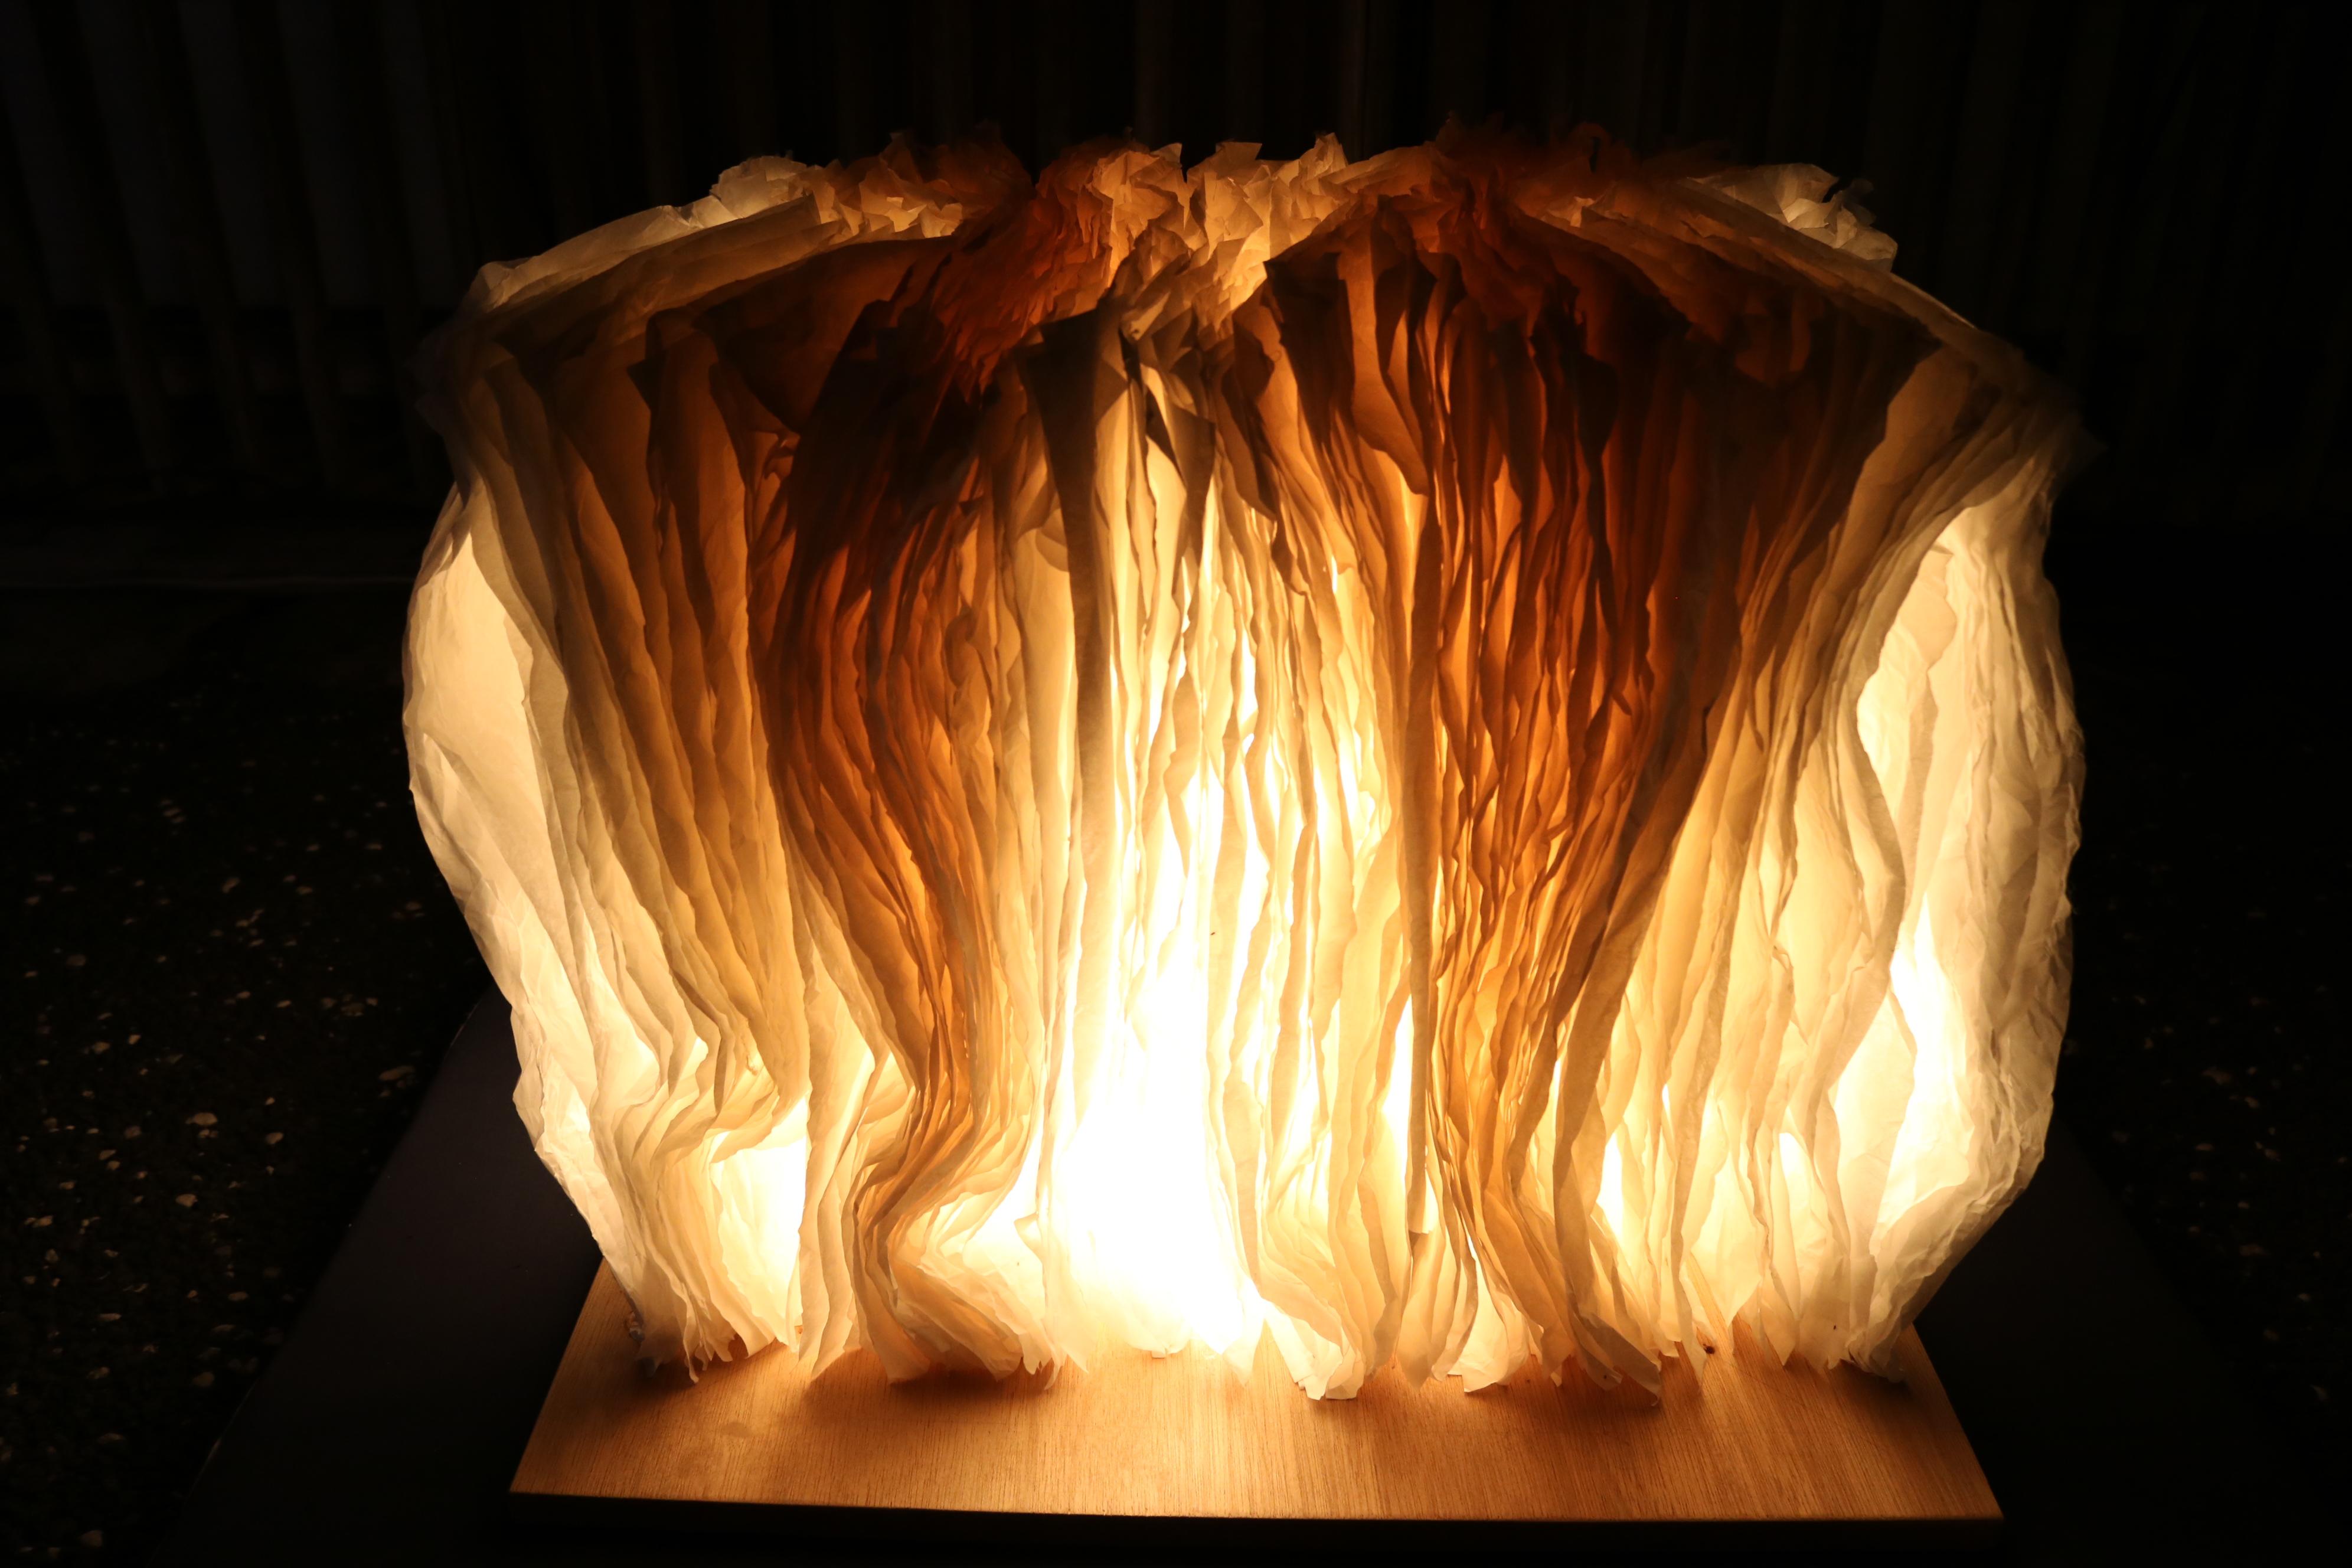 幻想的な町と灯りを楽しめる「美濃和紙あかりアート展」とは - IMG 7681